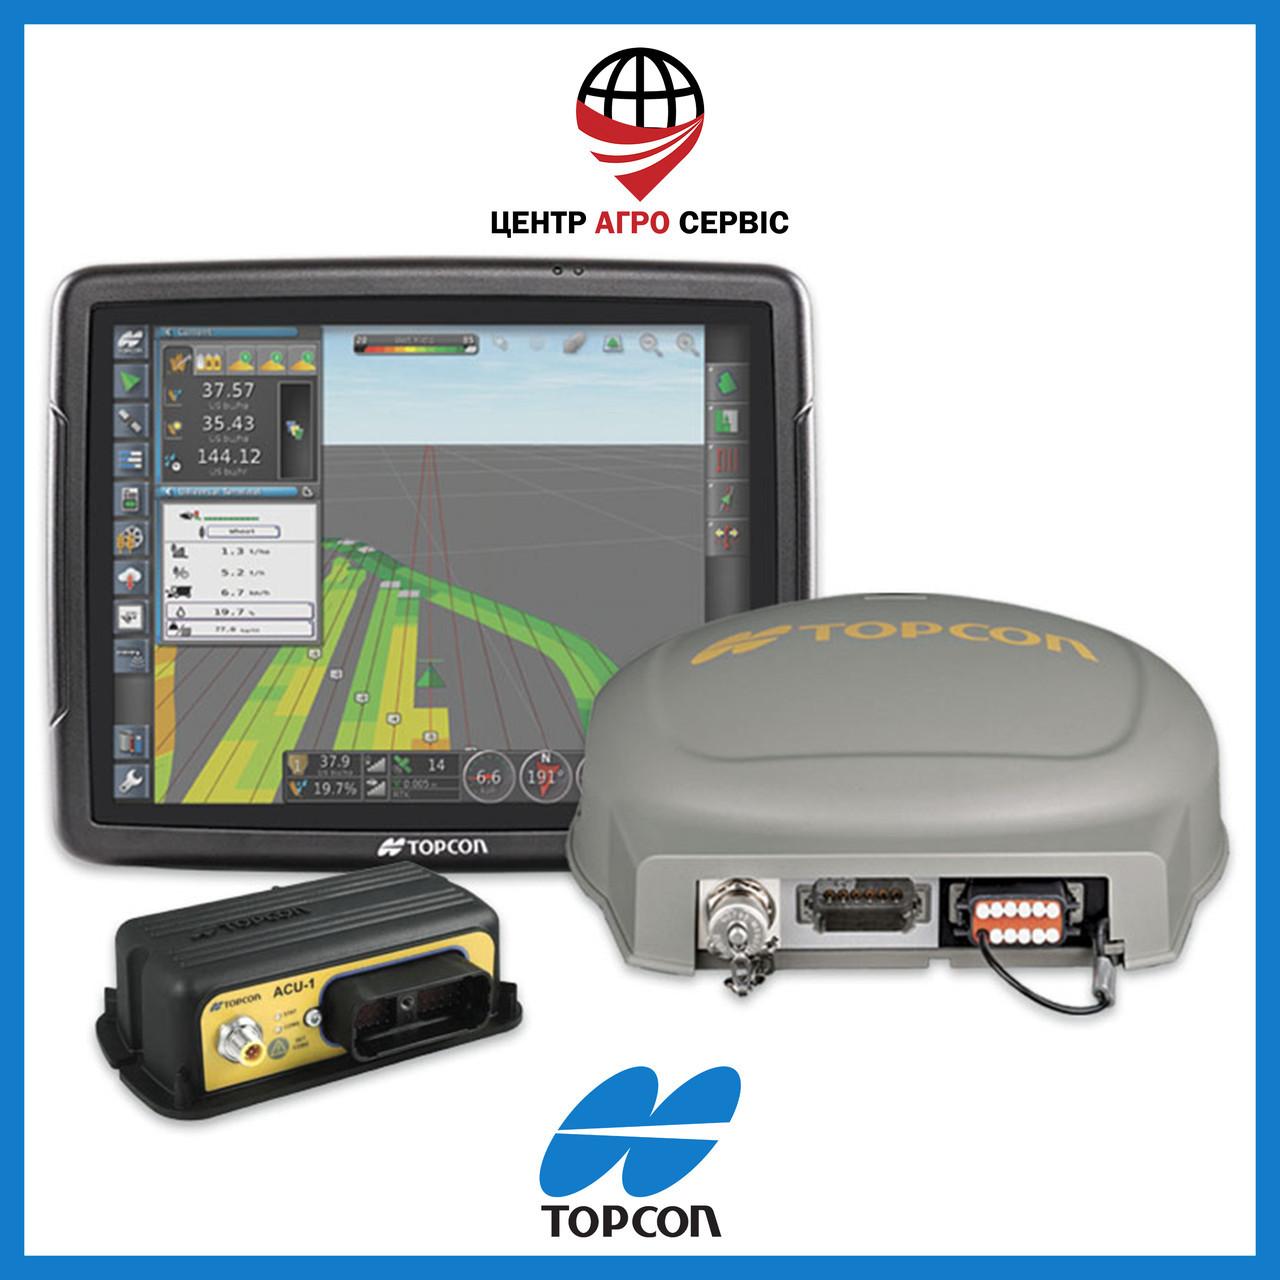 Автопилот TOPCON System X35 AGSR (гидравлическое автоматическое вождение для трактора, опрыскивателя,комбайна)